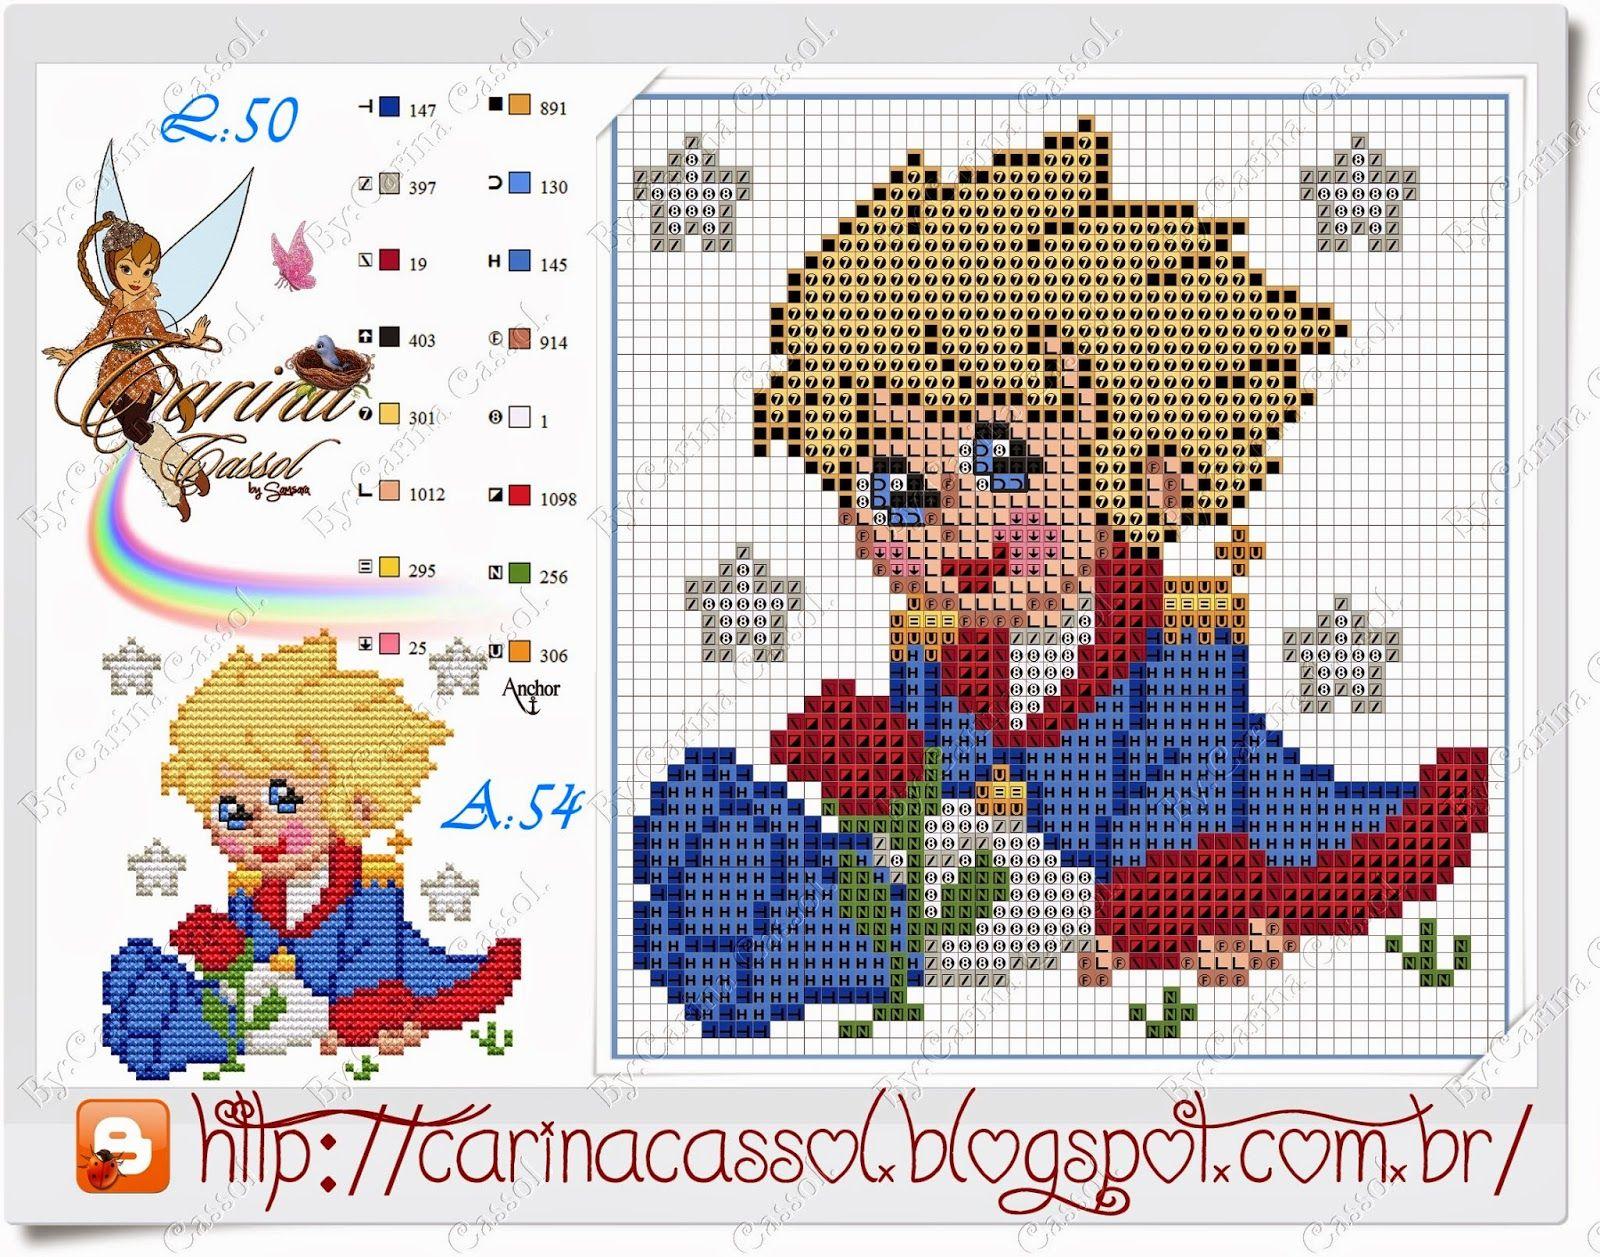 http://carinacassol.blogspot.com.br/2014/11/grafico-meu-pequeno-principe.html